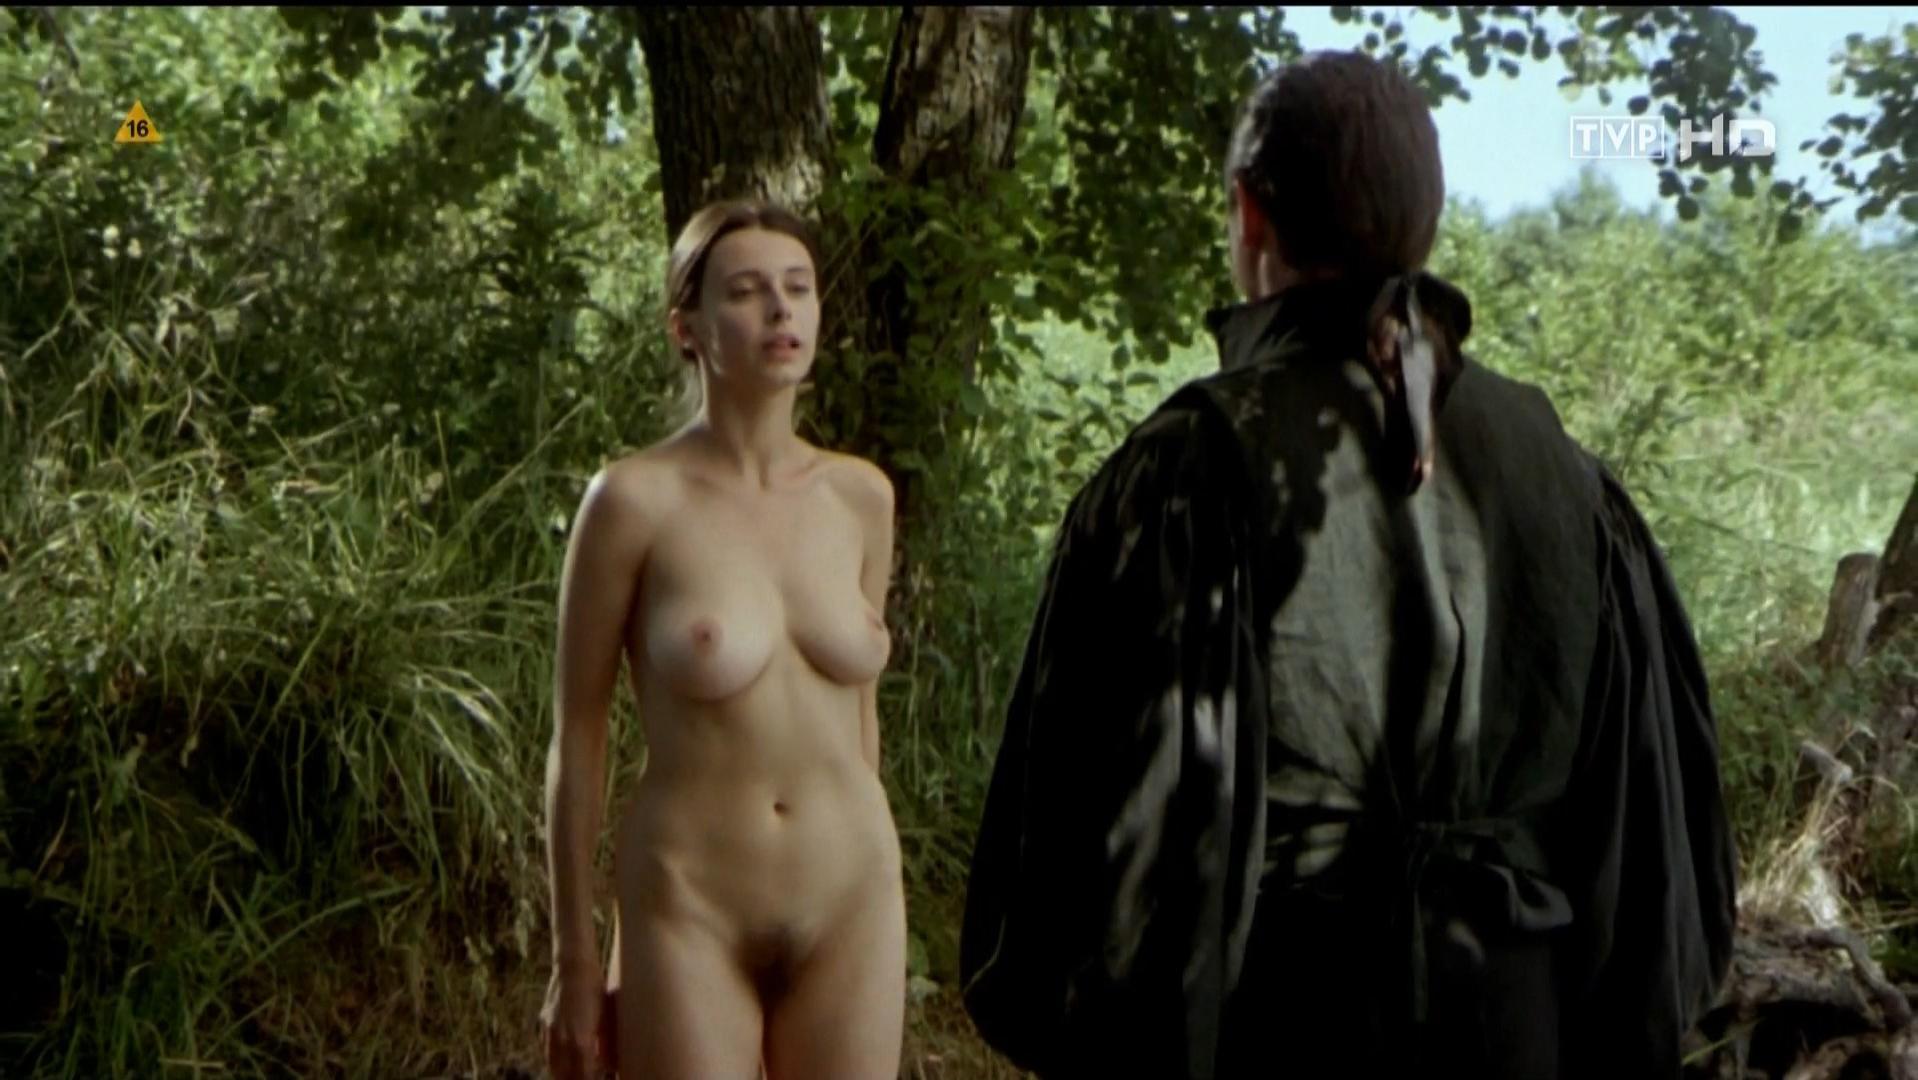 Смотреть видео эротику онлайн, бесплатные эротические ...